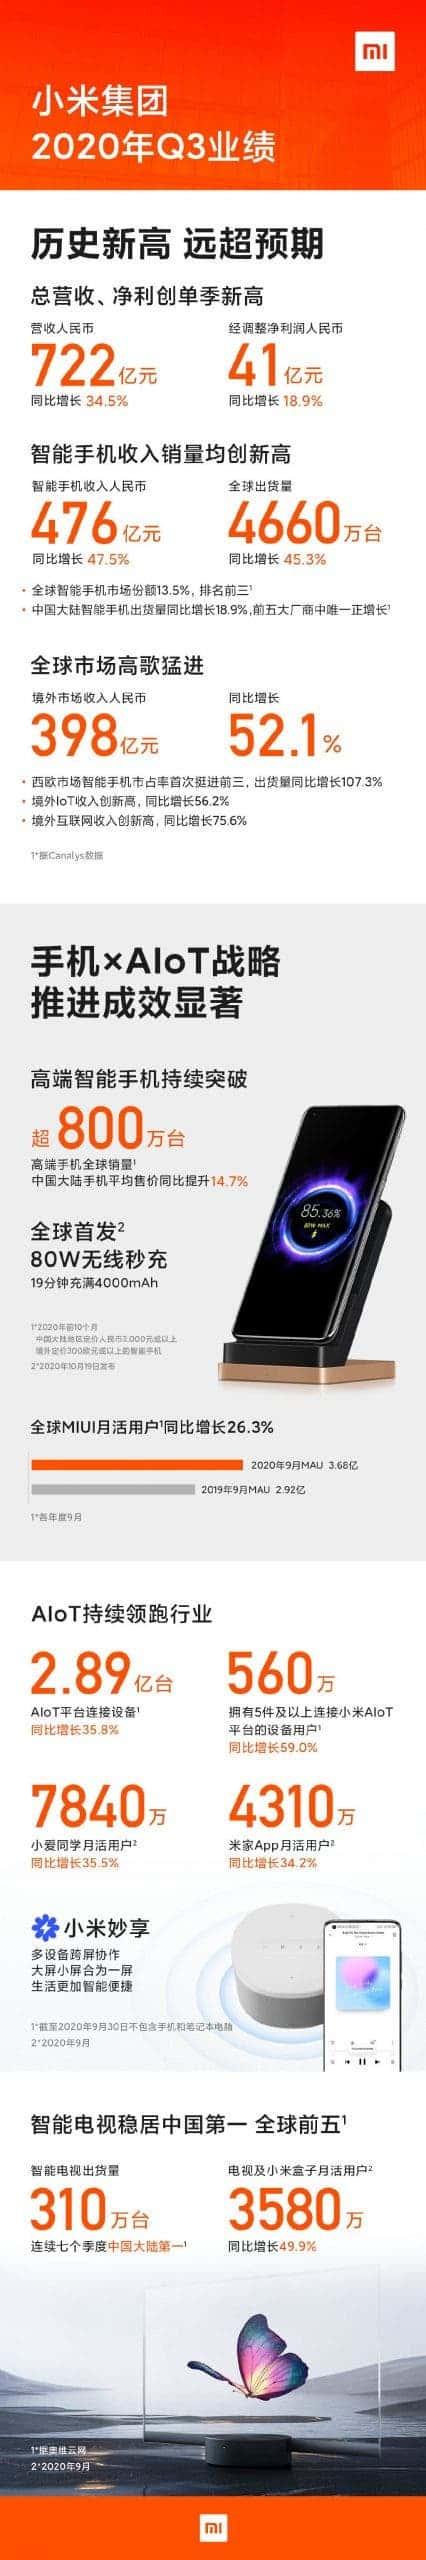 Xiaomi financial report